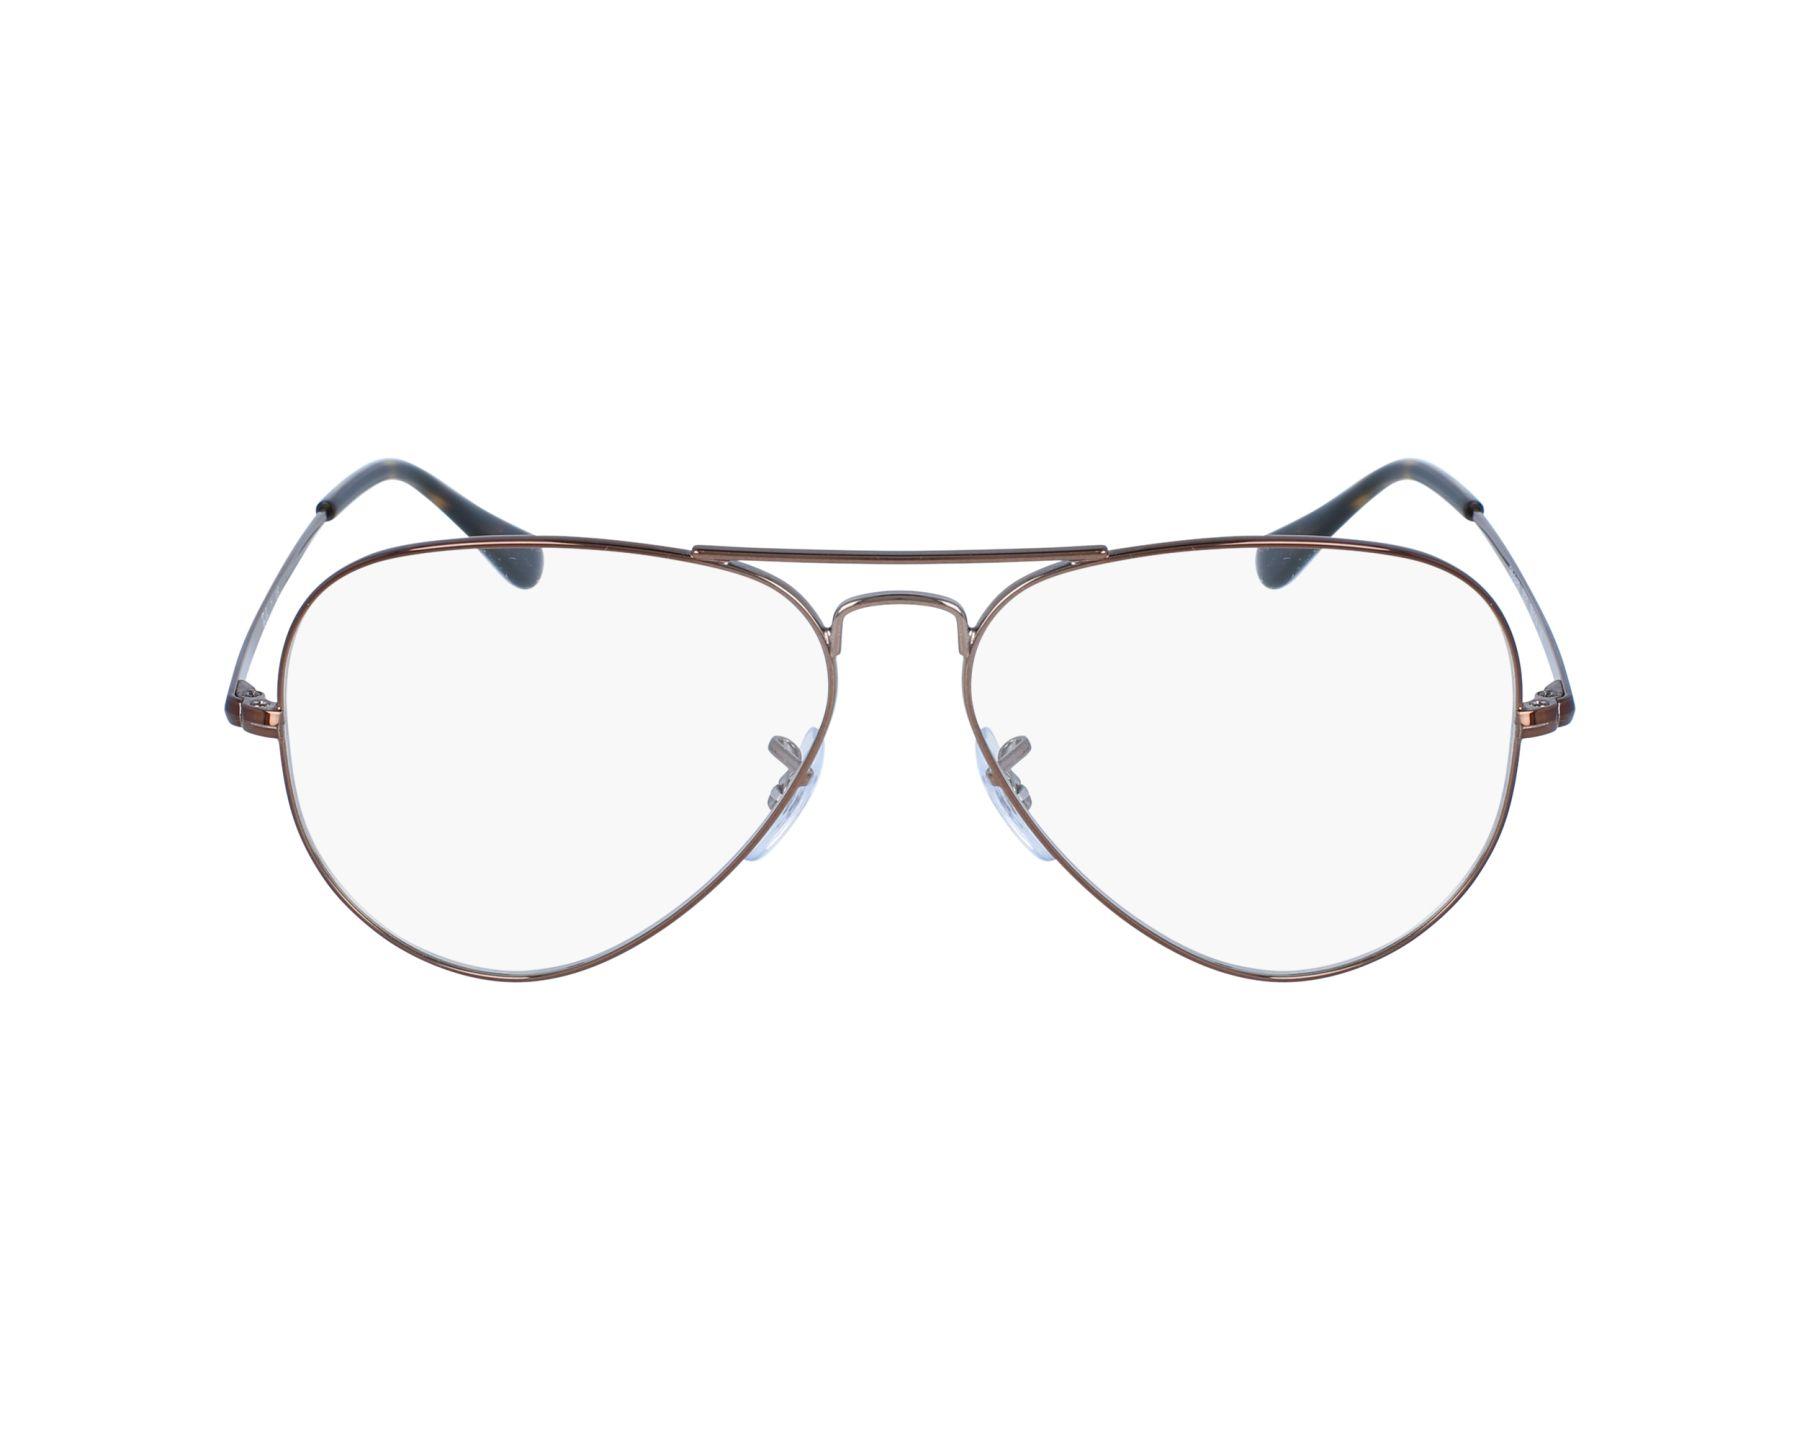 7327bb985c Ray Ban Glasses RX 6489 - eyeglasses.com